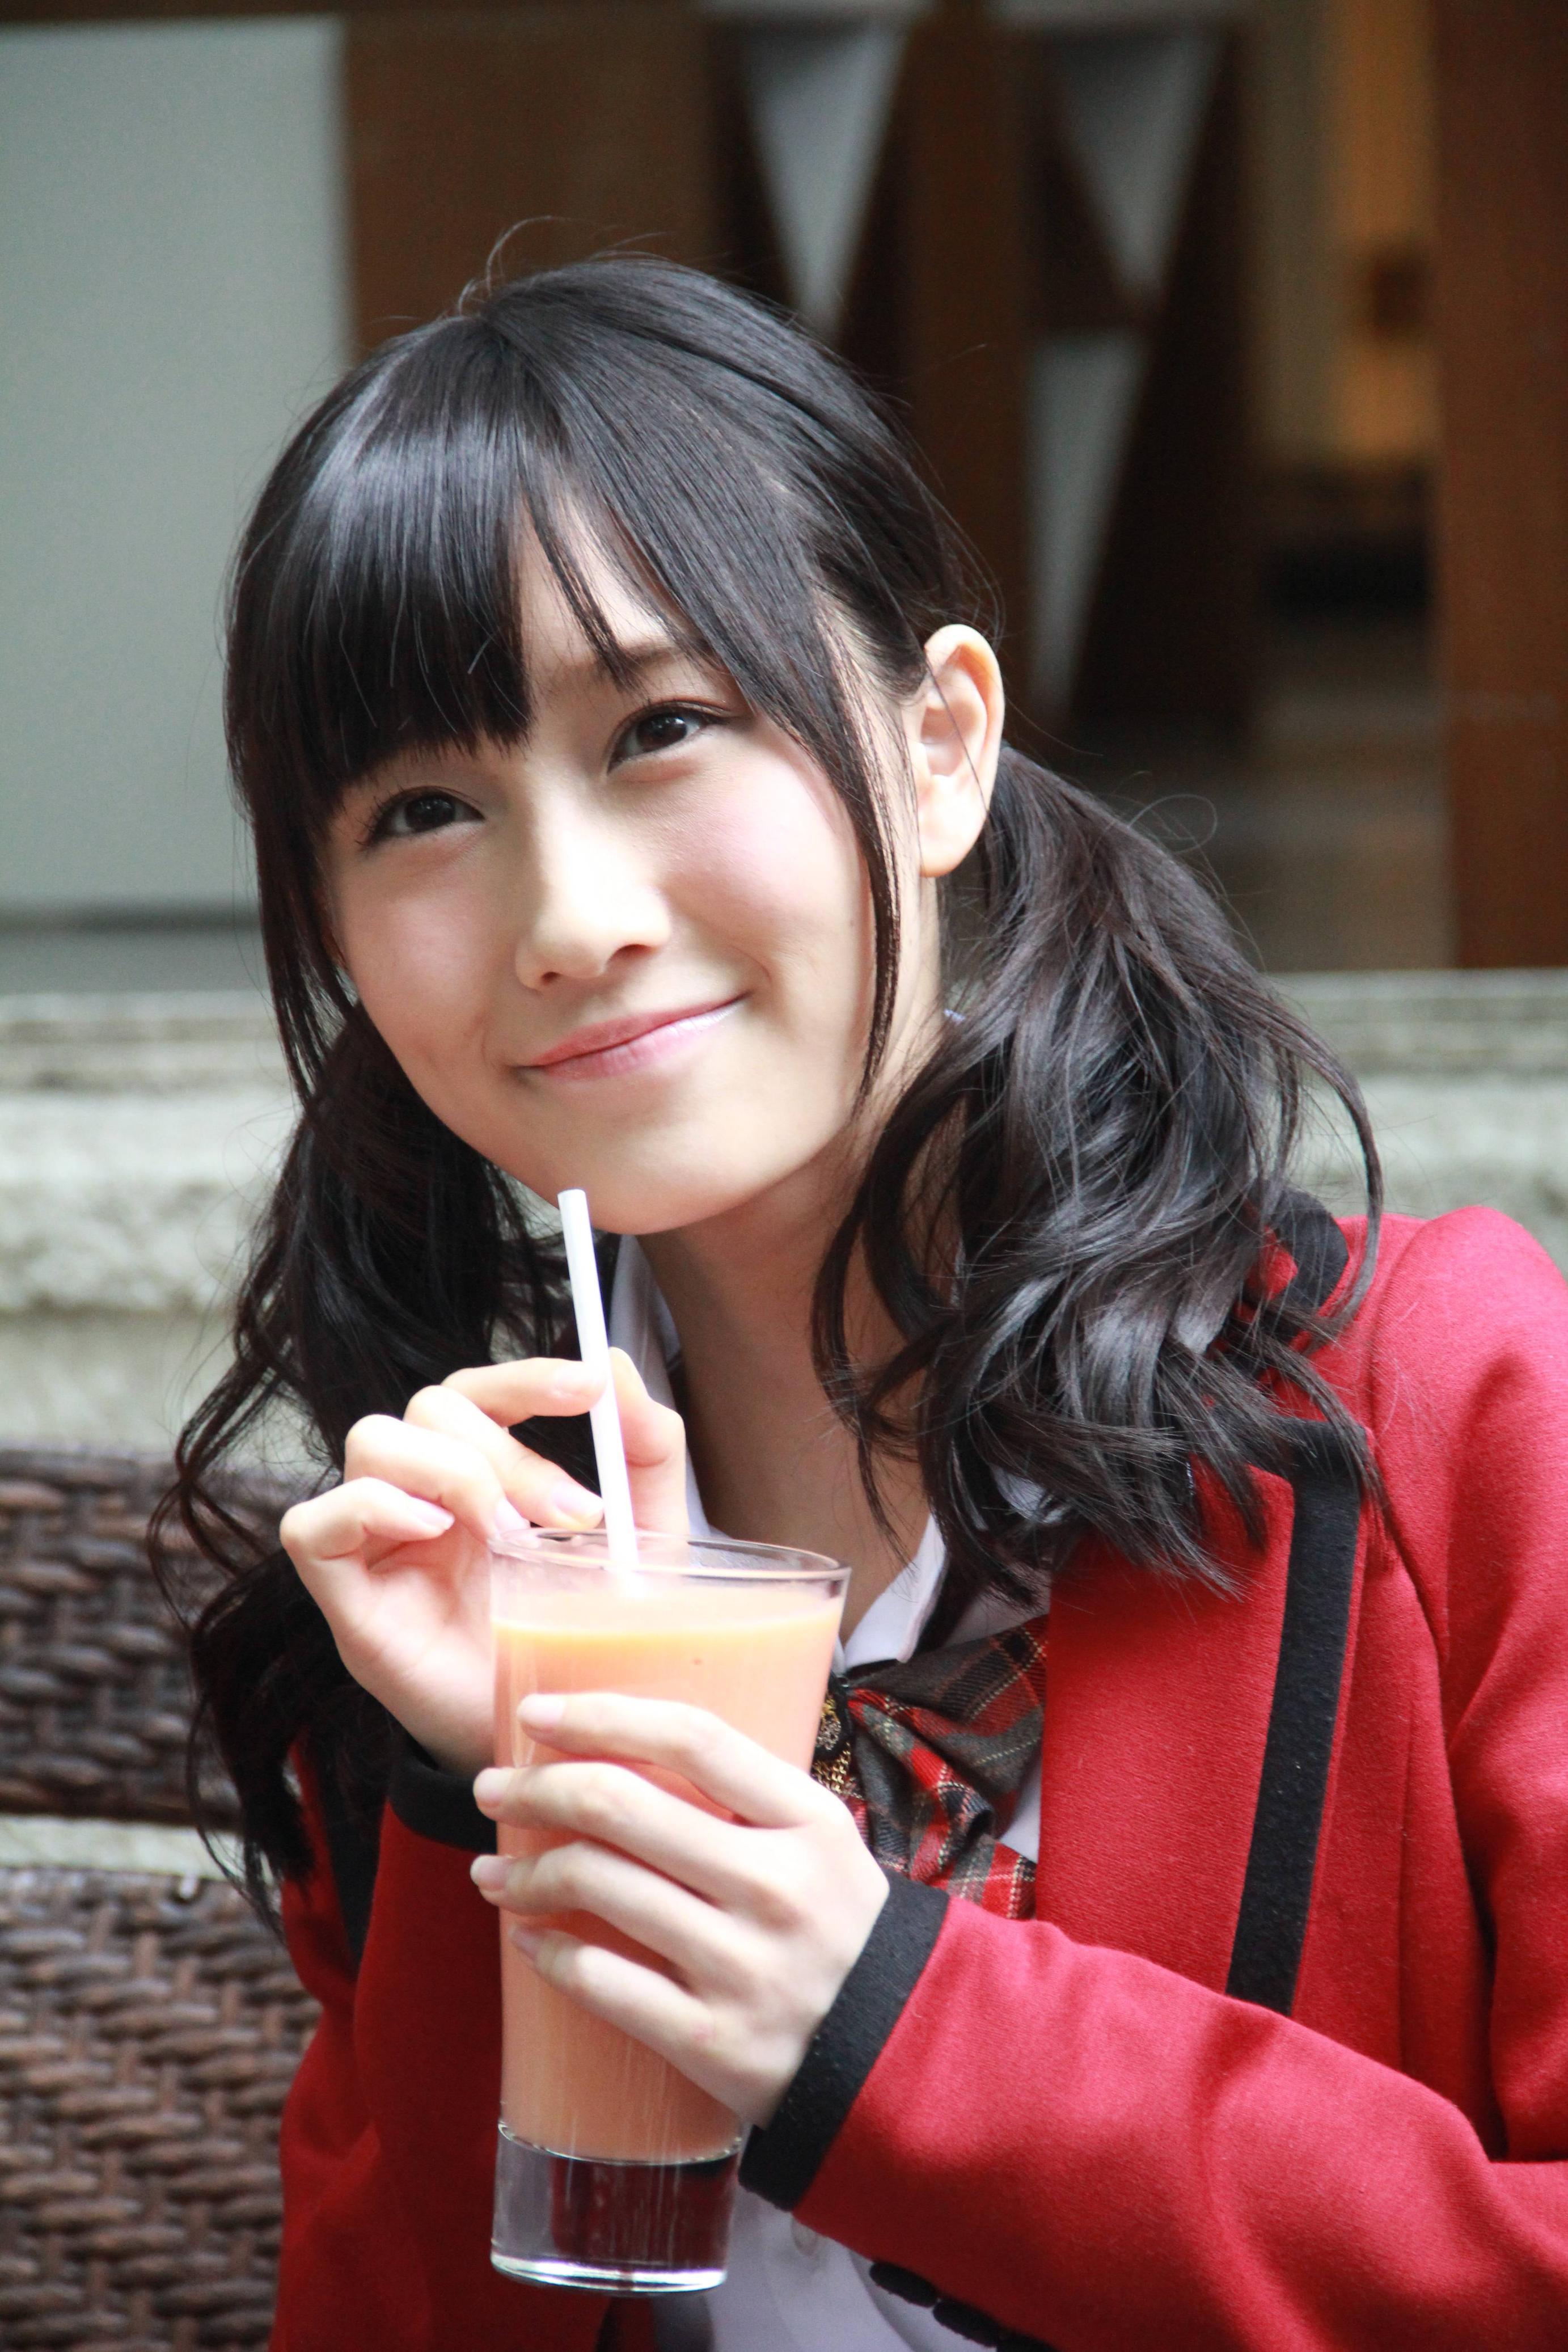 NMB48/AKB48矢倉楓子のすっぴんが酷過ぎる?!検証してみました!!のサムネイル画像